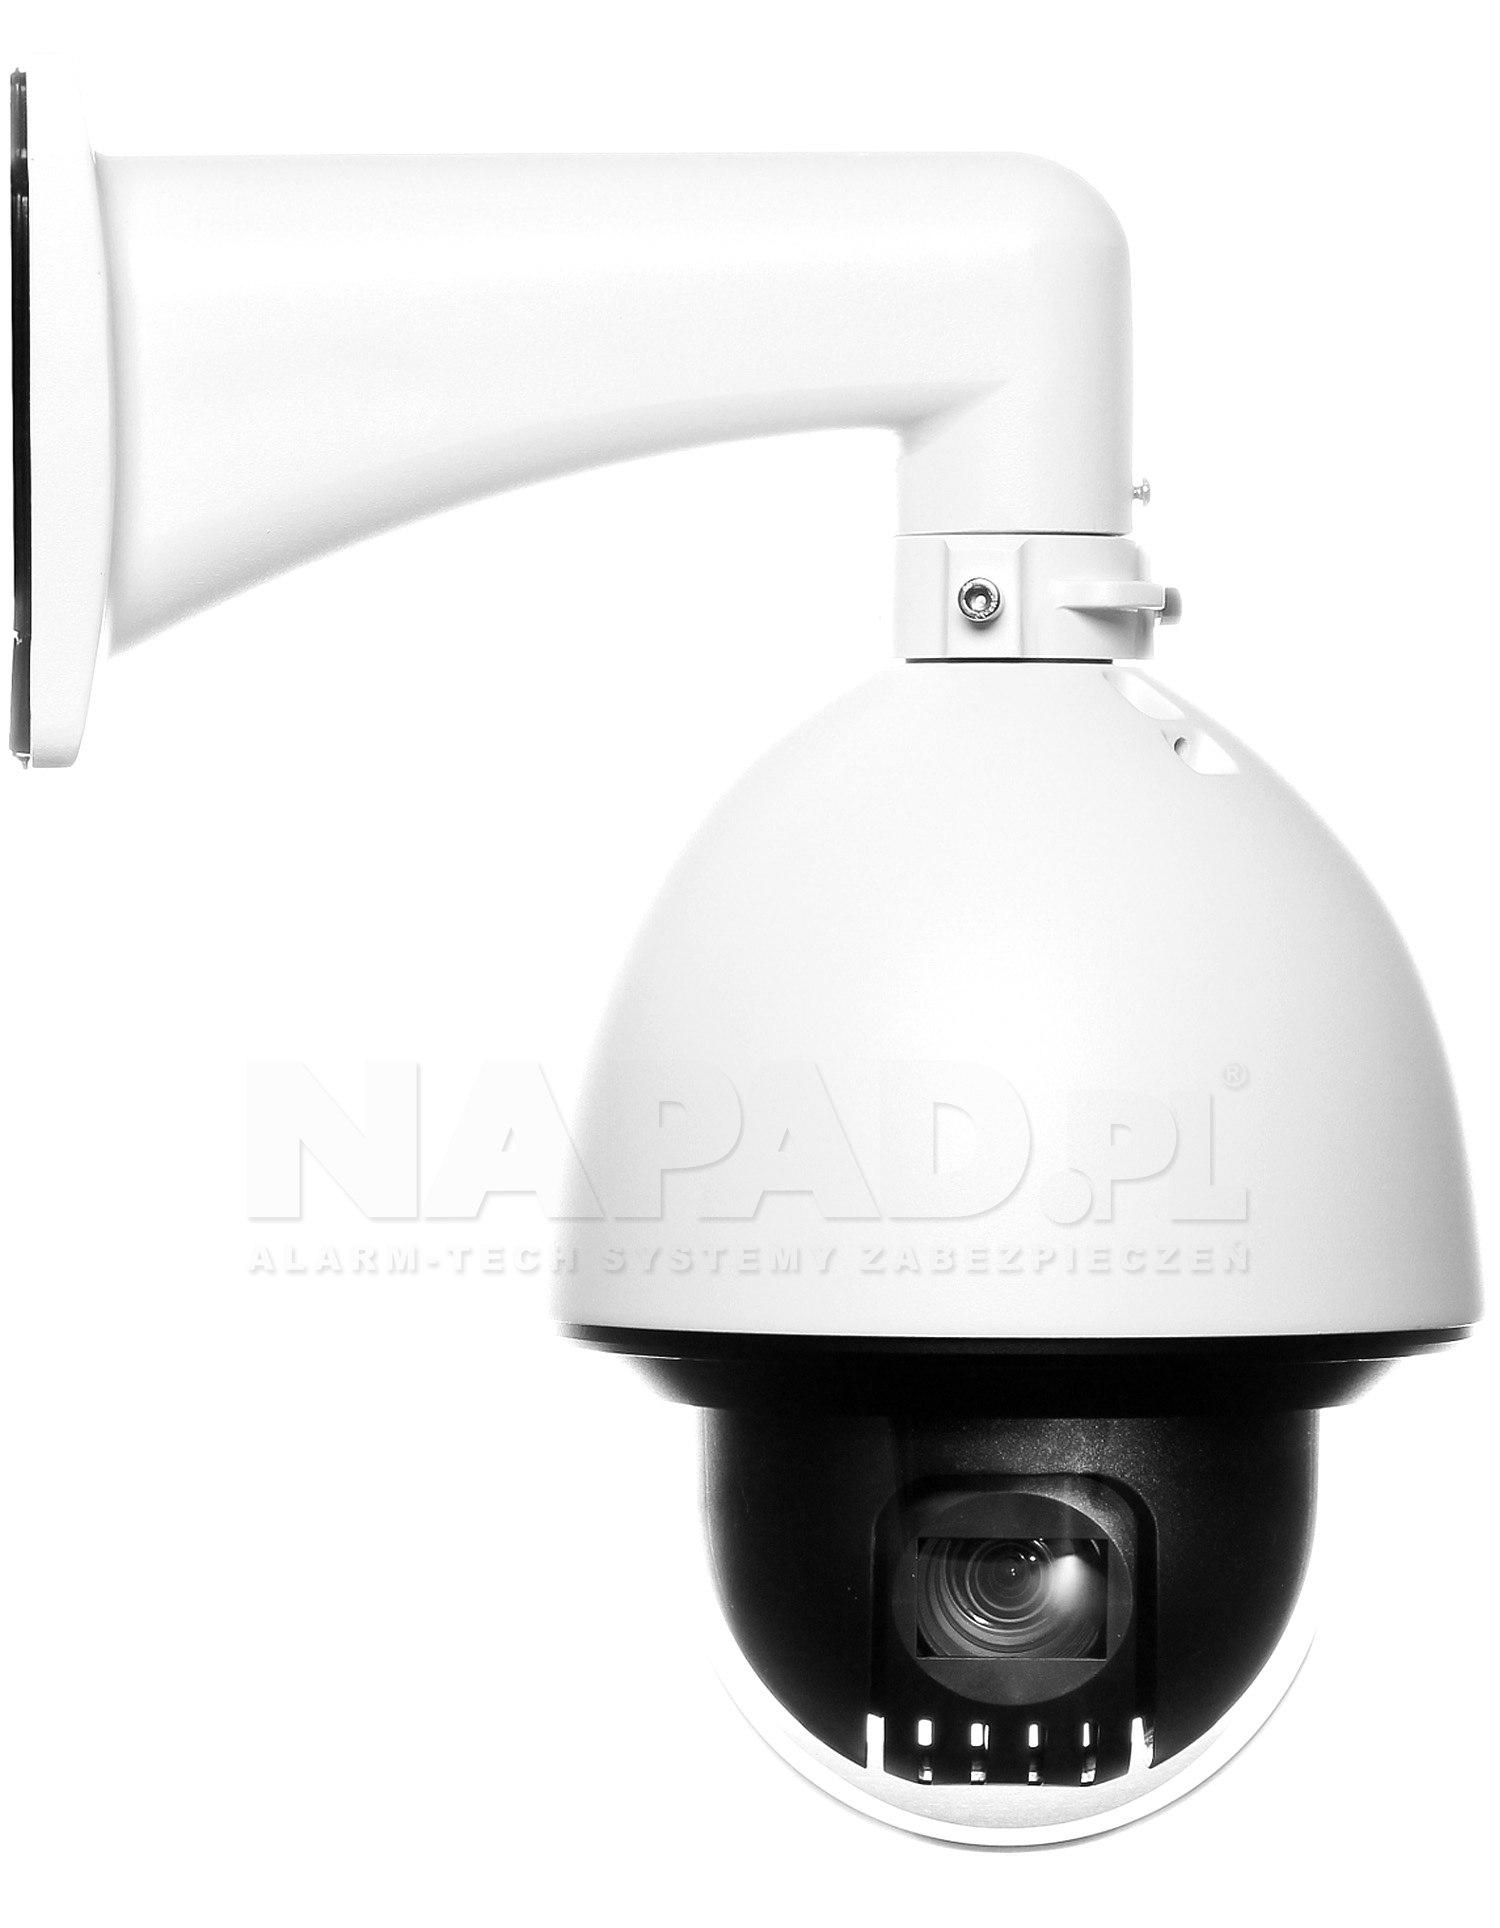 Kamera IP 4Mpx DH-SD60430U-HNI